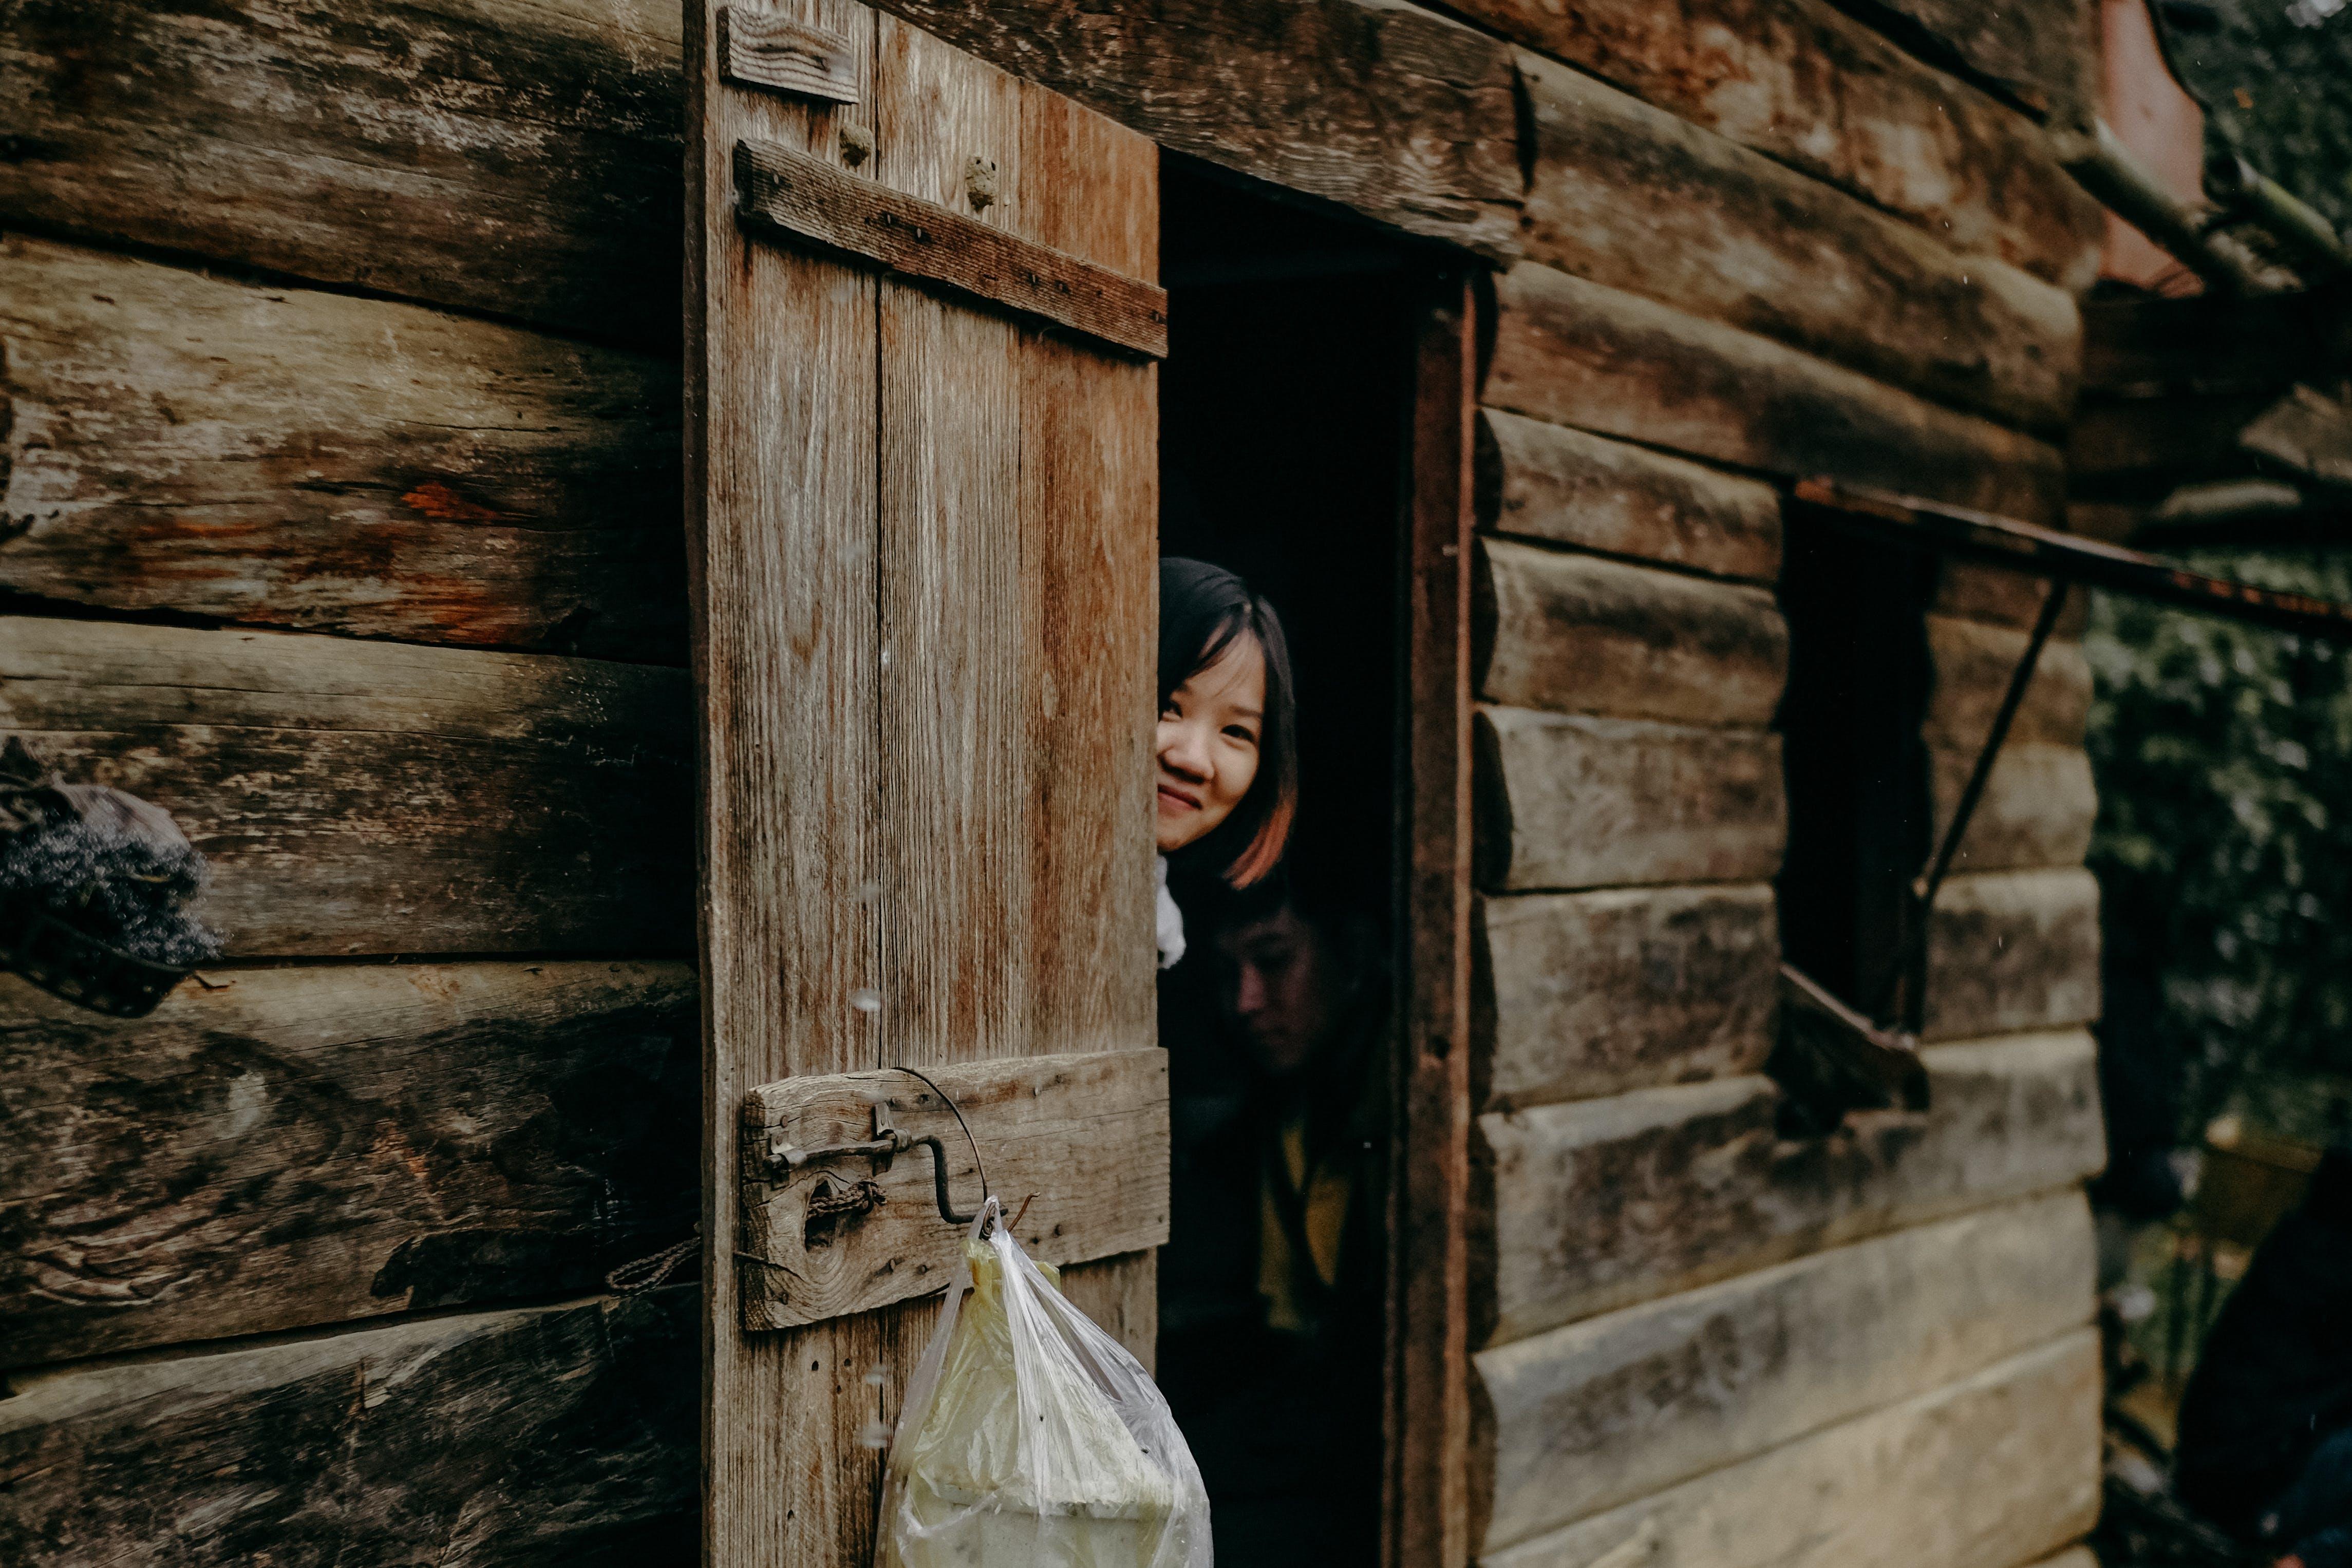 Woman Hiding Behind Cabin Door